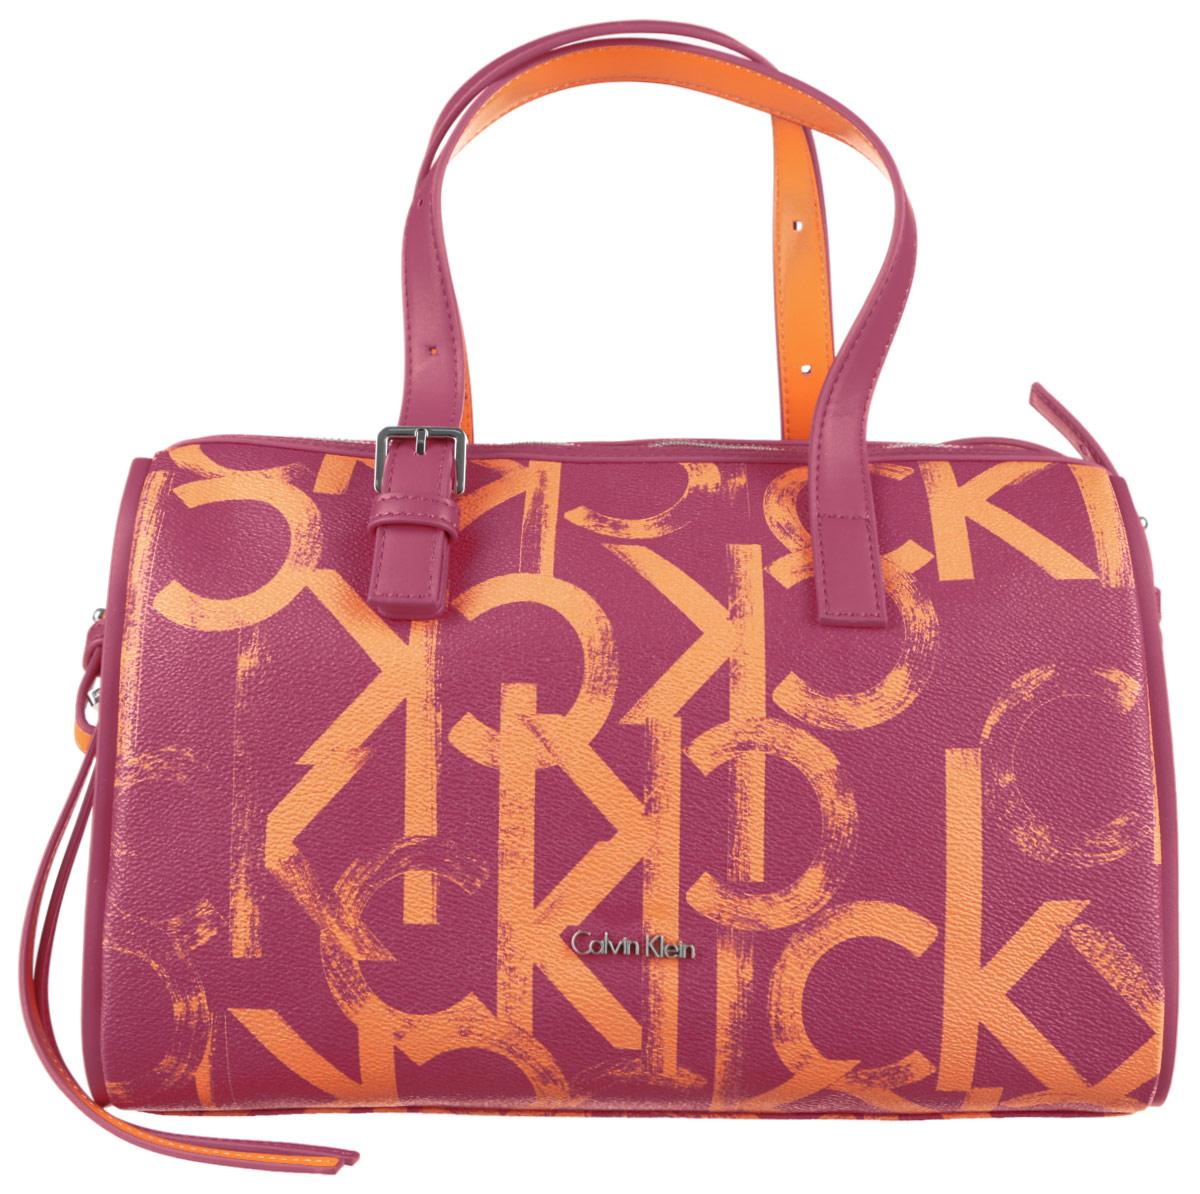 Сумка женская Calvin Klein Jeans, цвет: красный, оранжевый. K60K600996_9050S76245Стильная женская сумка Calvin Klein Jeans выполнена из ПВХ и полиуретана и оформлена принтом в виде фирменного логотипа. Изделие имеет одно основное отделение, которое закрывается на застежку-молнию. Внутри находятся два накладных открытых кармана и прорезной карман на застежке-молнии. Модель оснащена двумя регулируемыми ручками. В комплект входит плечевой регулируемый ремень.Роскошная сумка внесет элегантные нотки в ваш образ и подчеркнет ваше отменное чувство стиля.